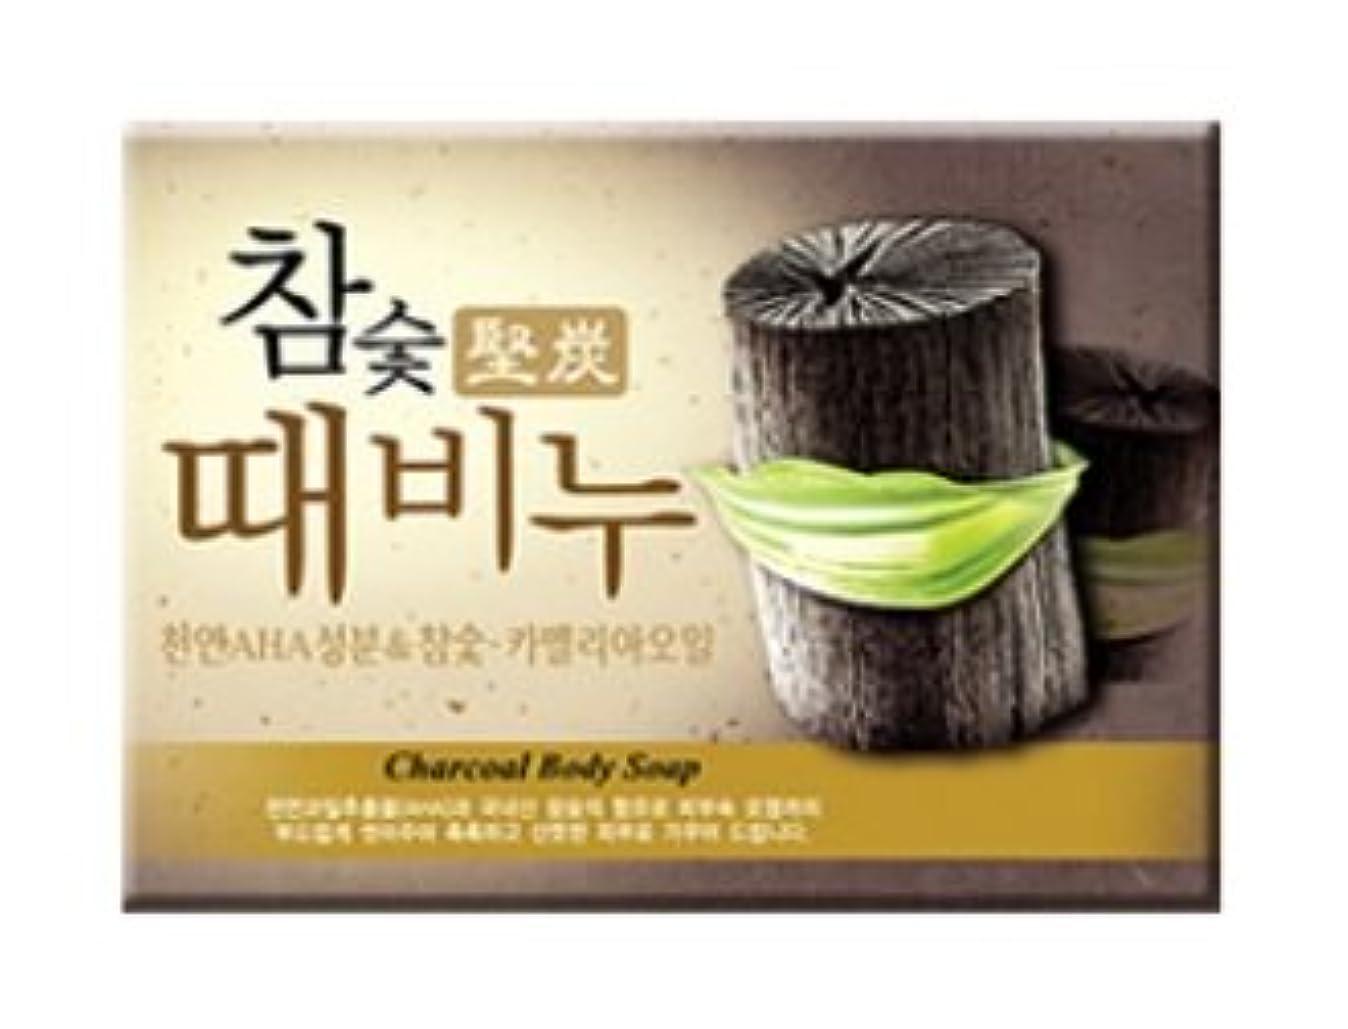 衣装カップ社会学堅炭ソープ 100g / Charcoal Body Soap [並行輸入品]